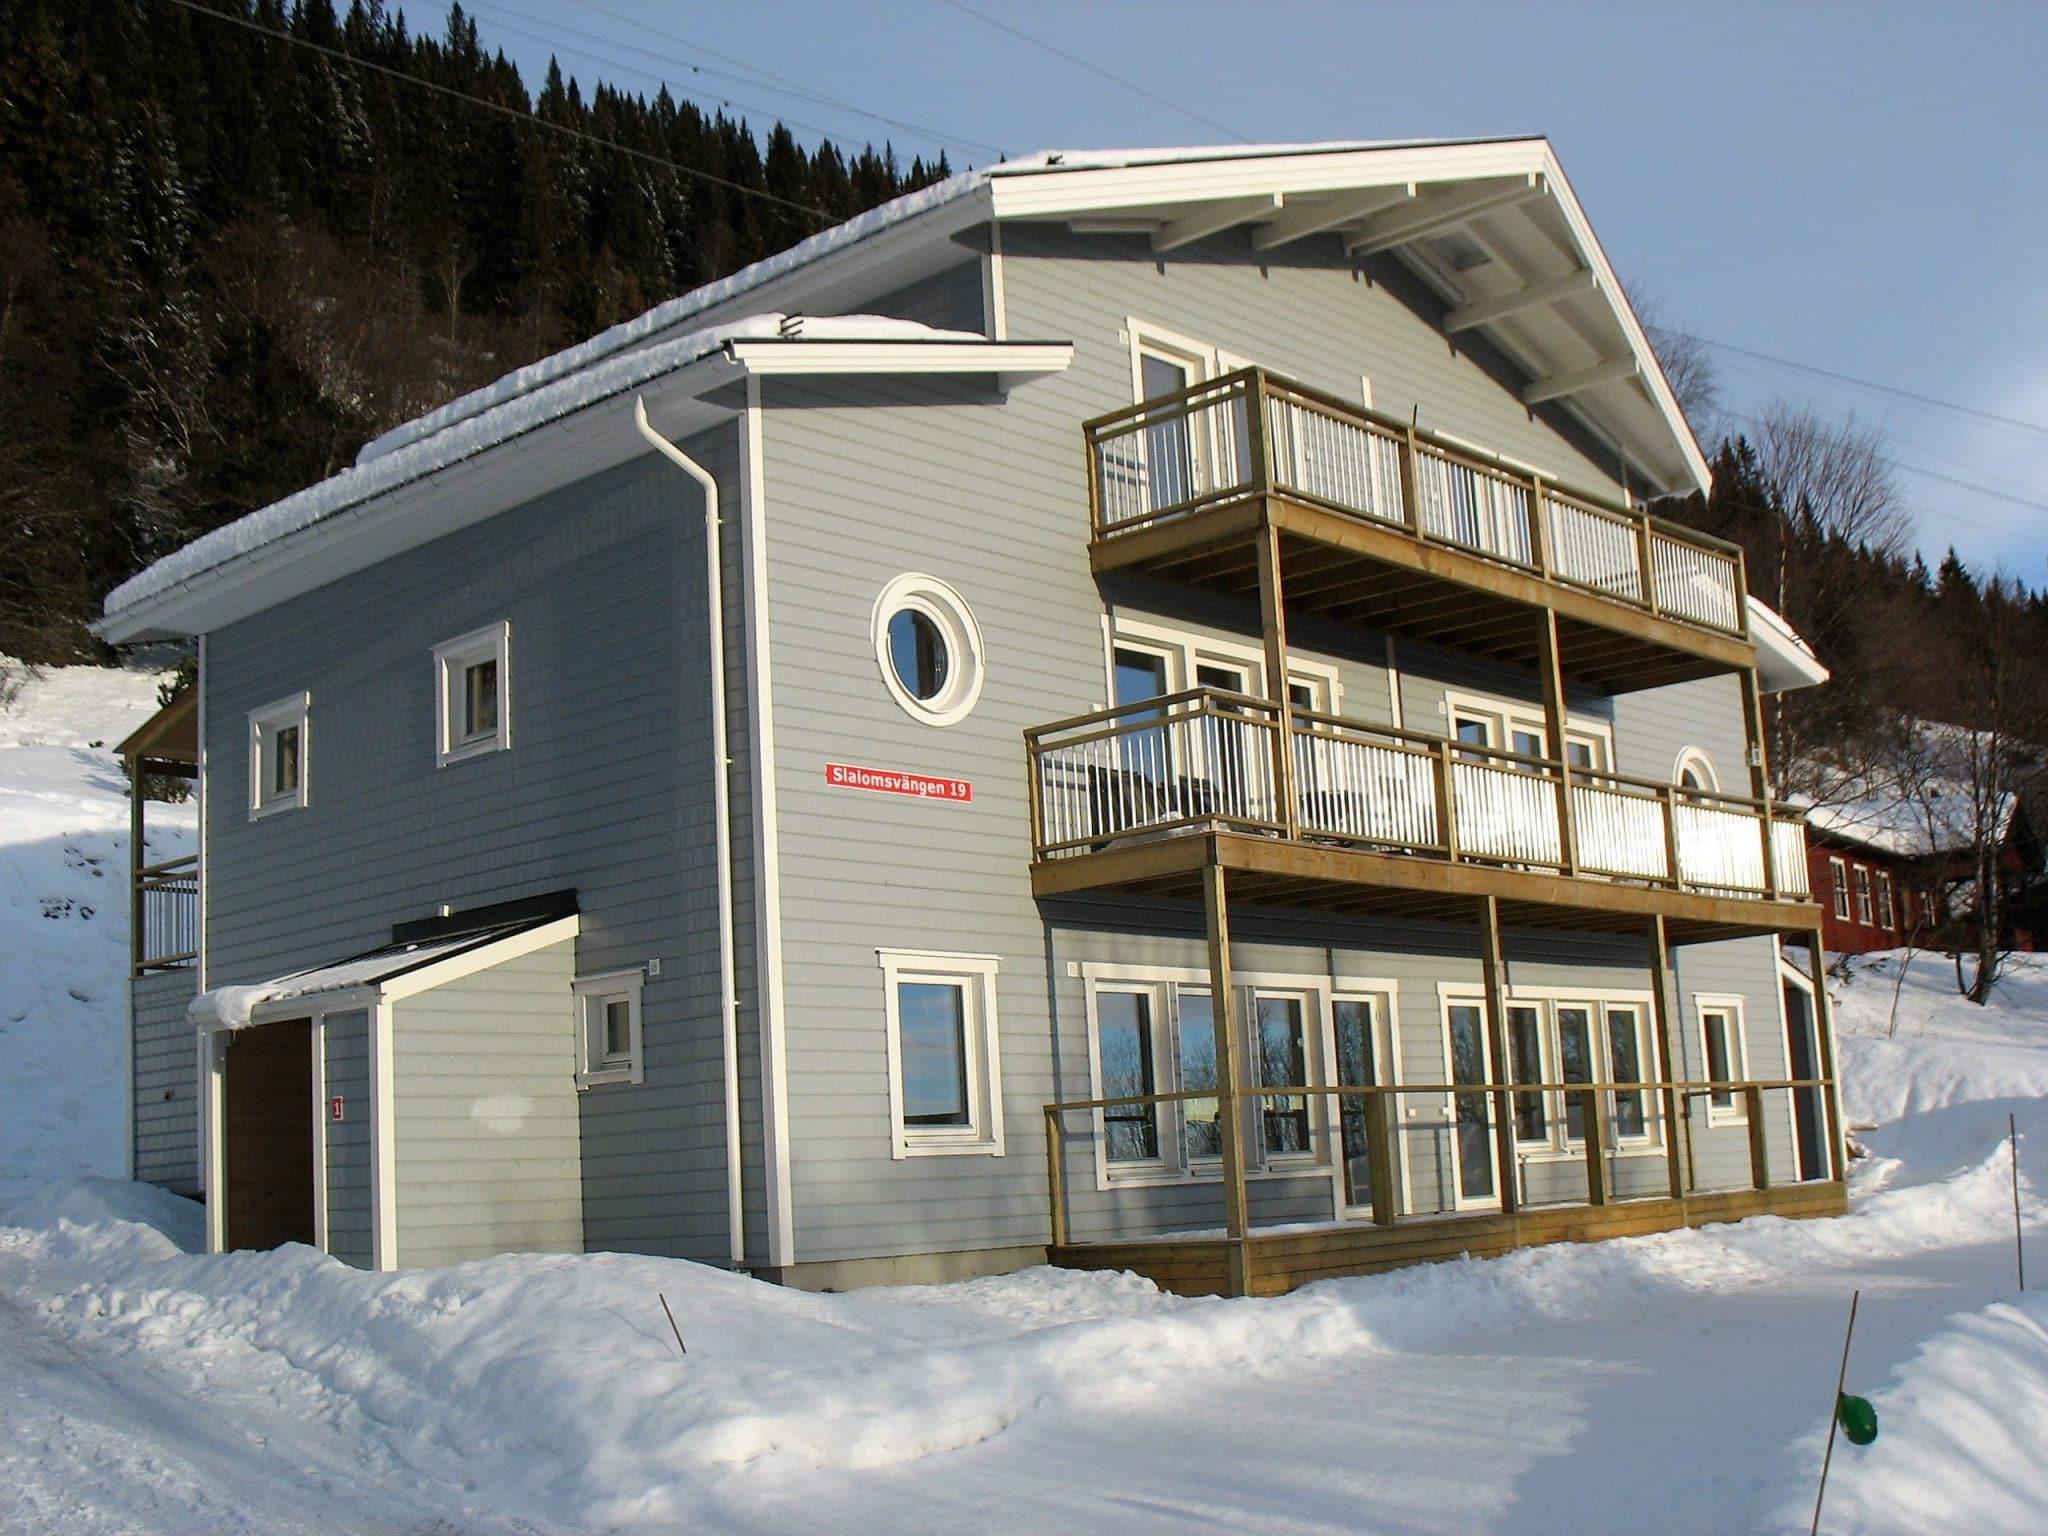 Slalomvillan 19 in winter